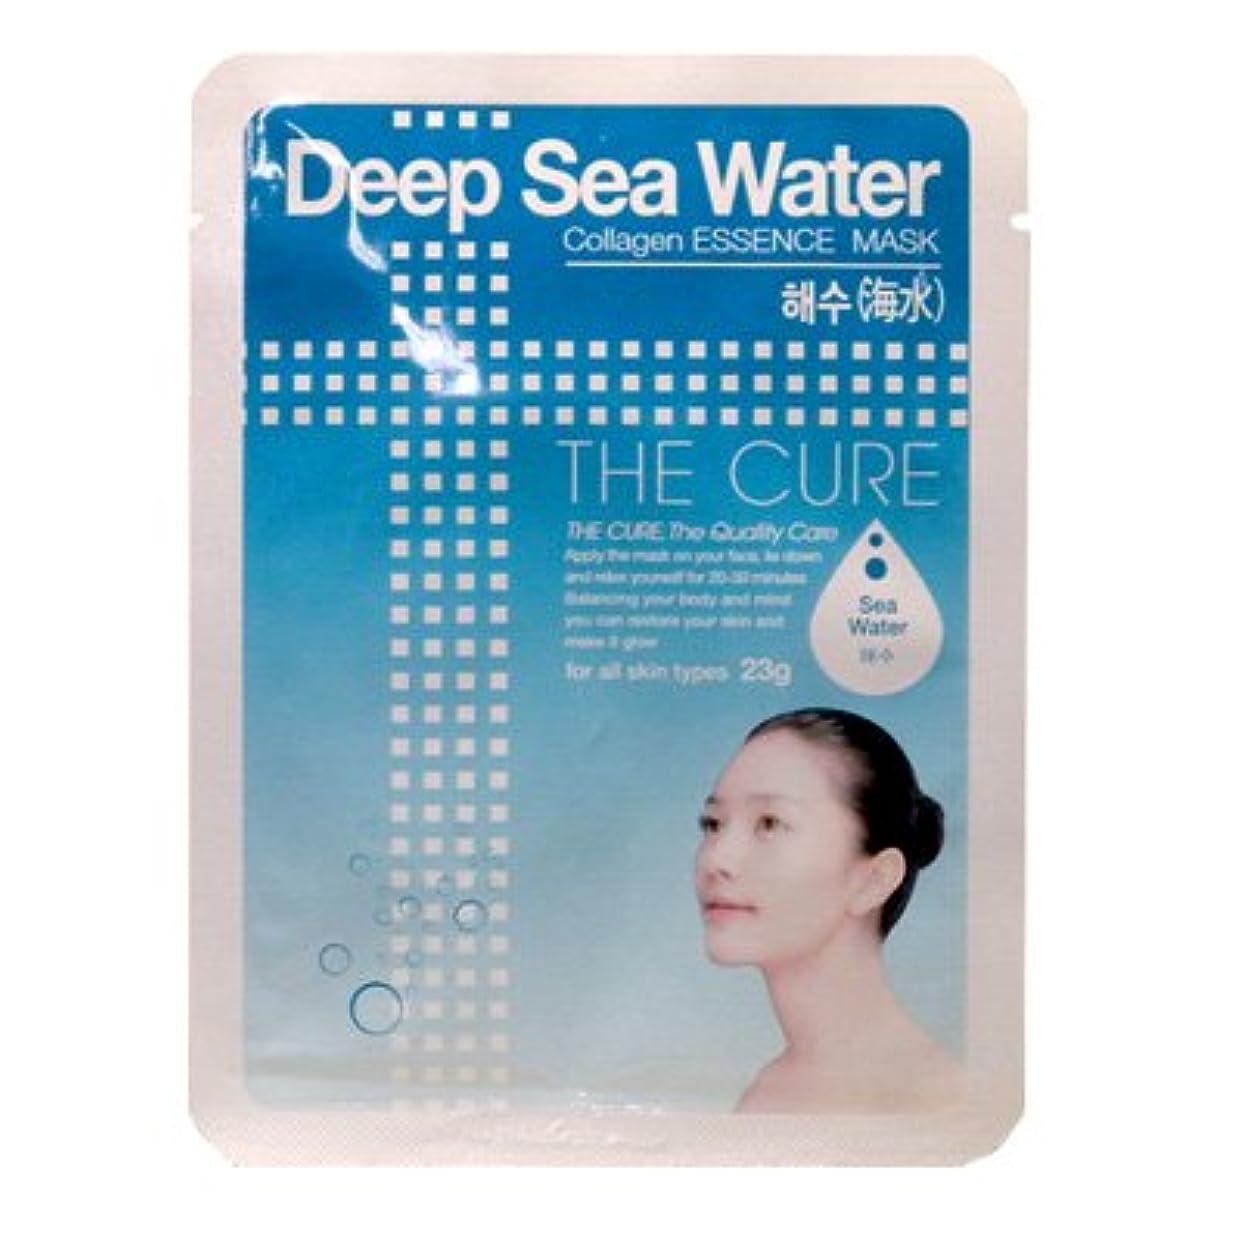 シャット重要ストリームCURE マスク シートパック 海水